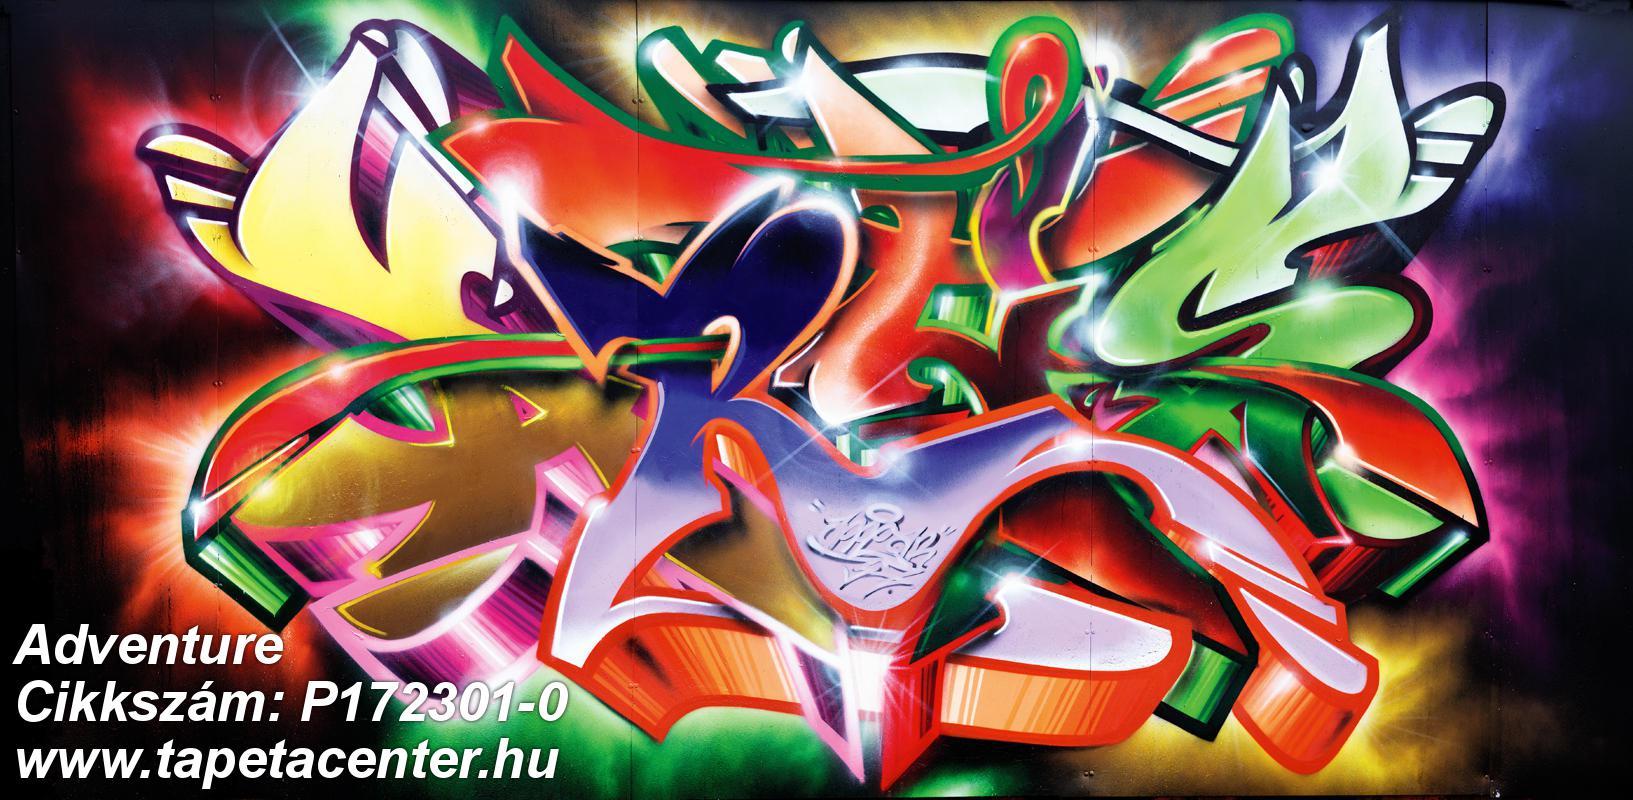 Absztrakt,feliratos-számos,gyerek,különleges motívumos,rajzolt,retro,barna,bézs-drapp,kék,lila,narancs-terrakotta,pink-rózsaszín,piros-bordó,sárga,zöld,gyengén mosható,vlies poszter, fotótapéta